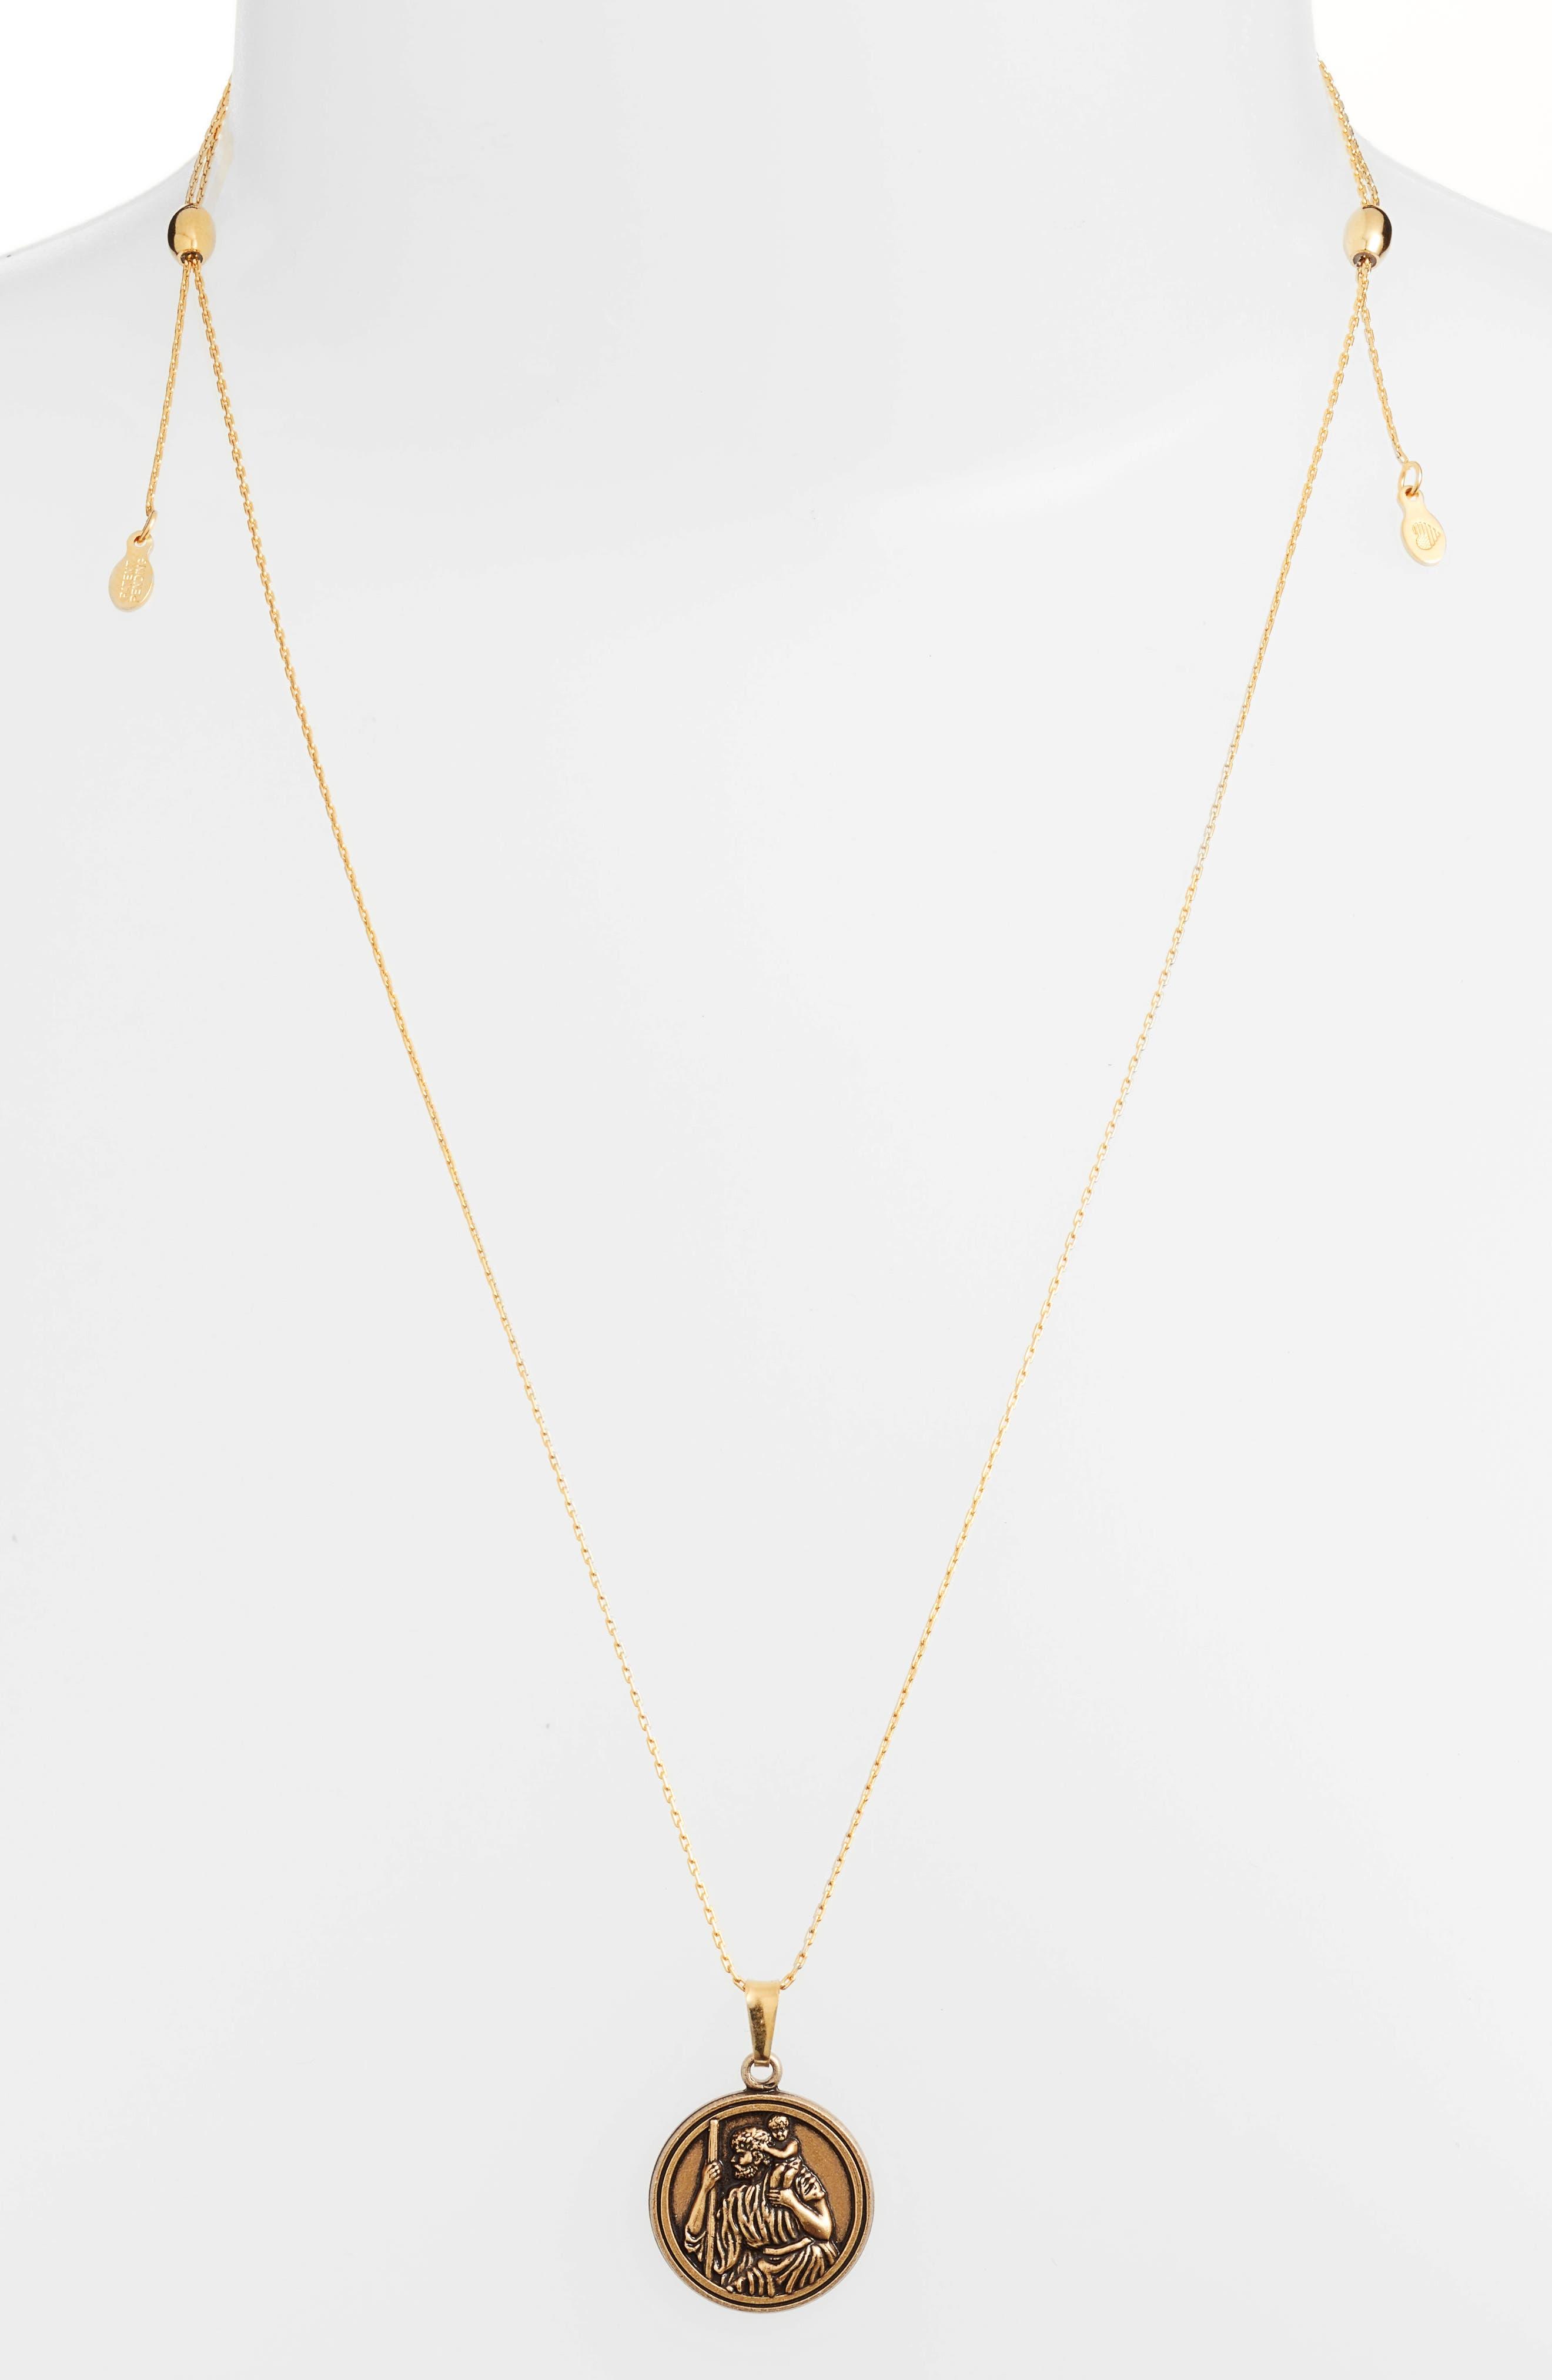 Saint Christopher Pendant Necklace,                             Alternate thumbnail 3, color,                             Gold